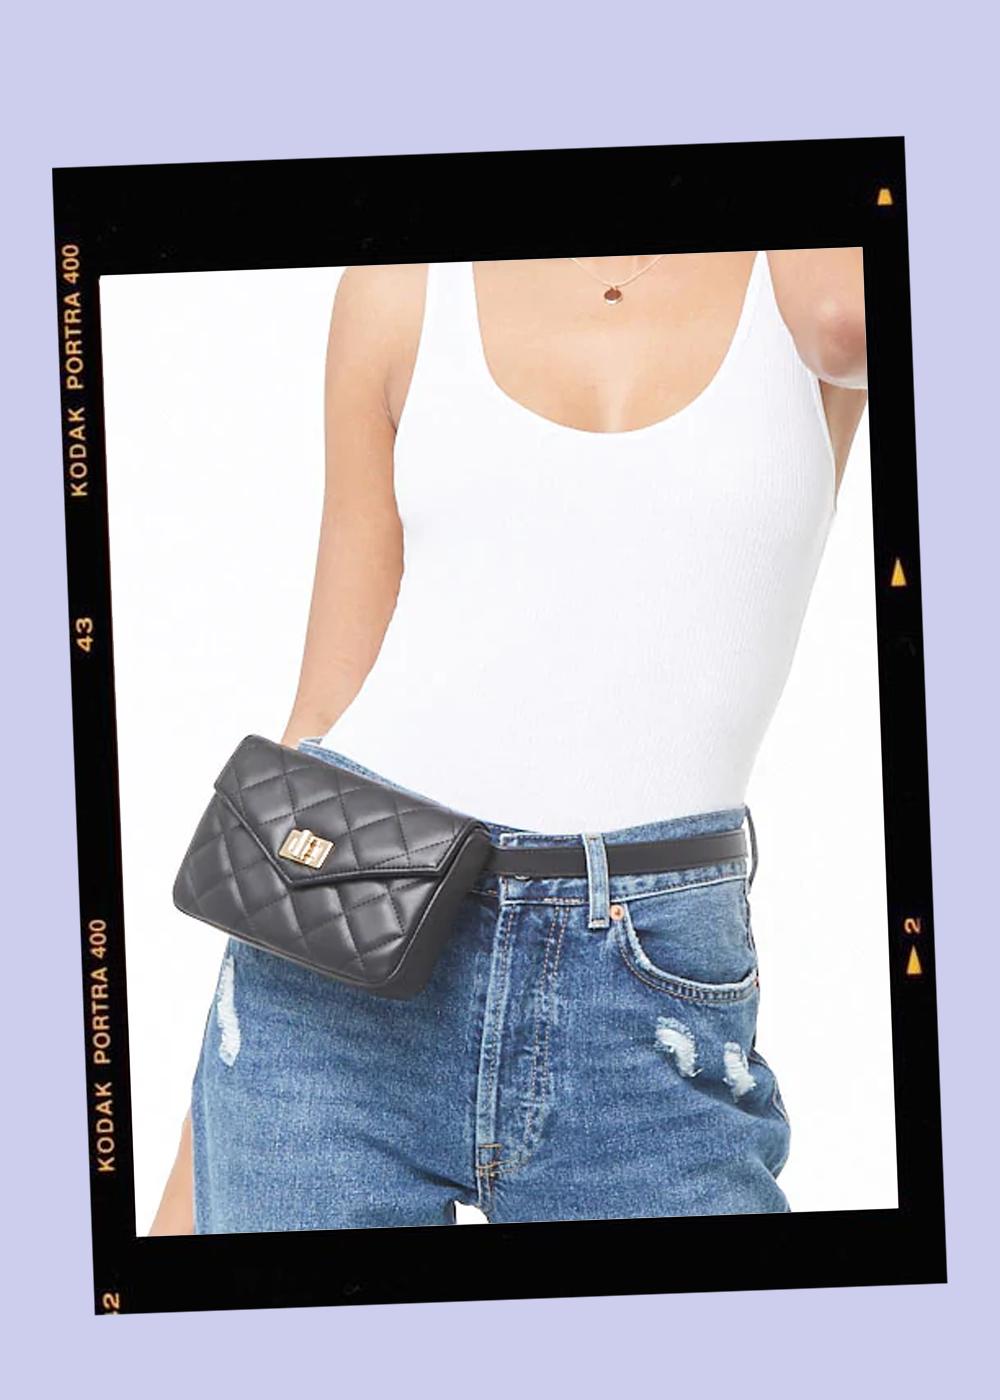 009. - Quilted Belt Bag // $18Forever 21